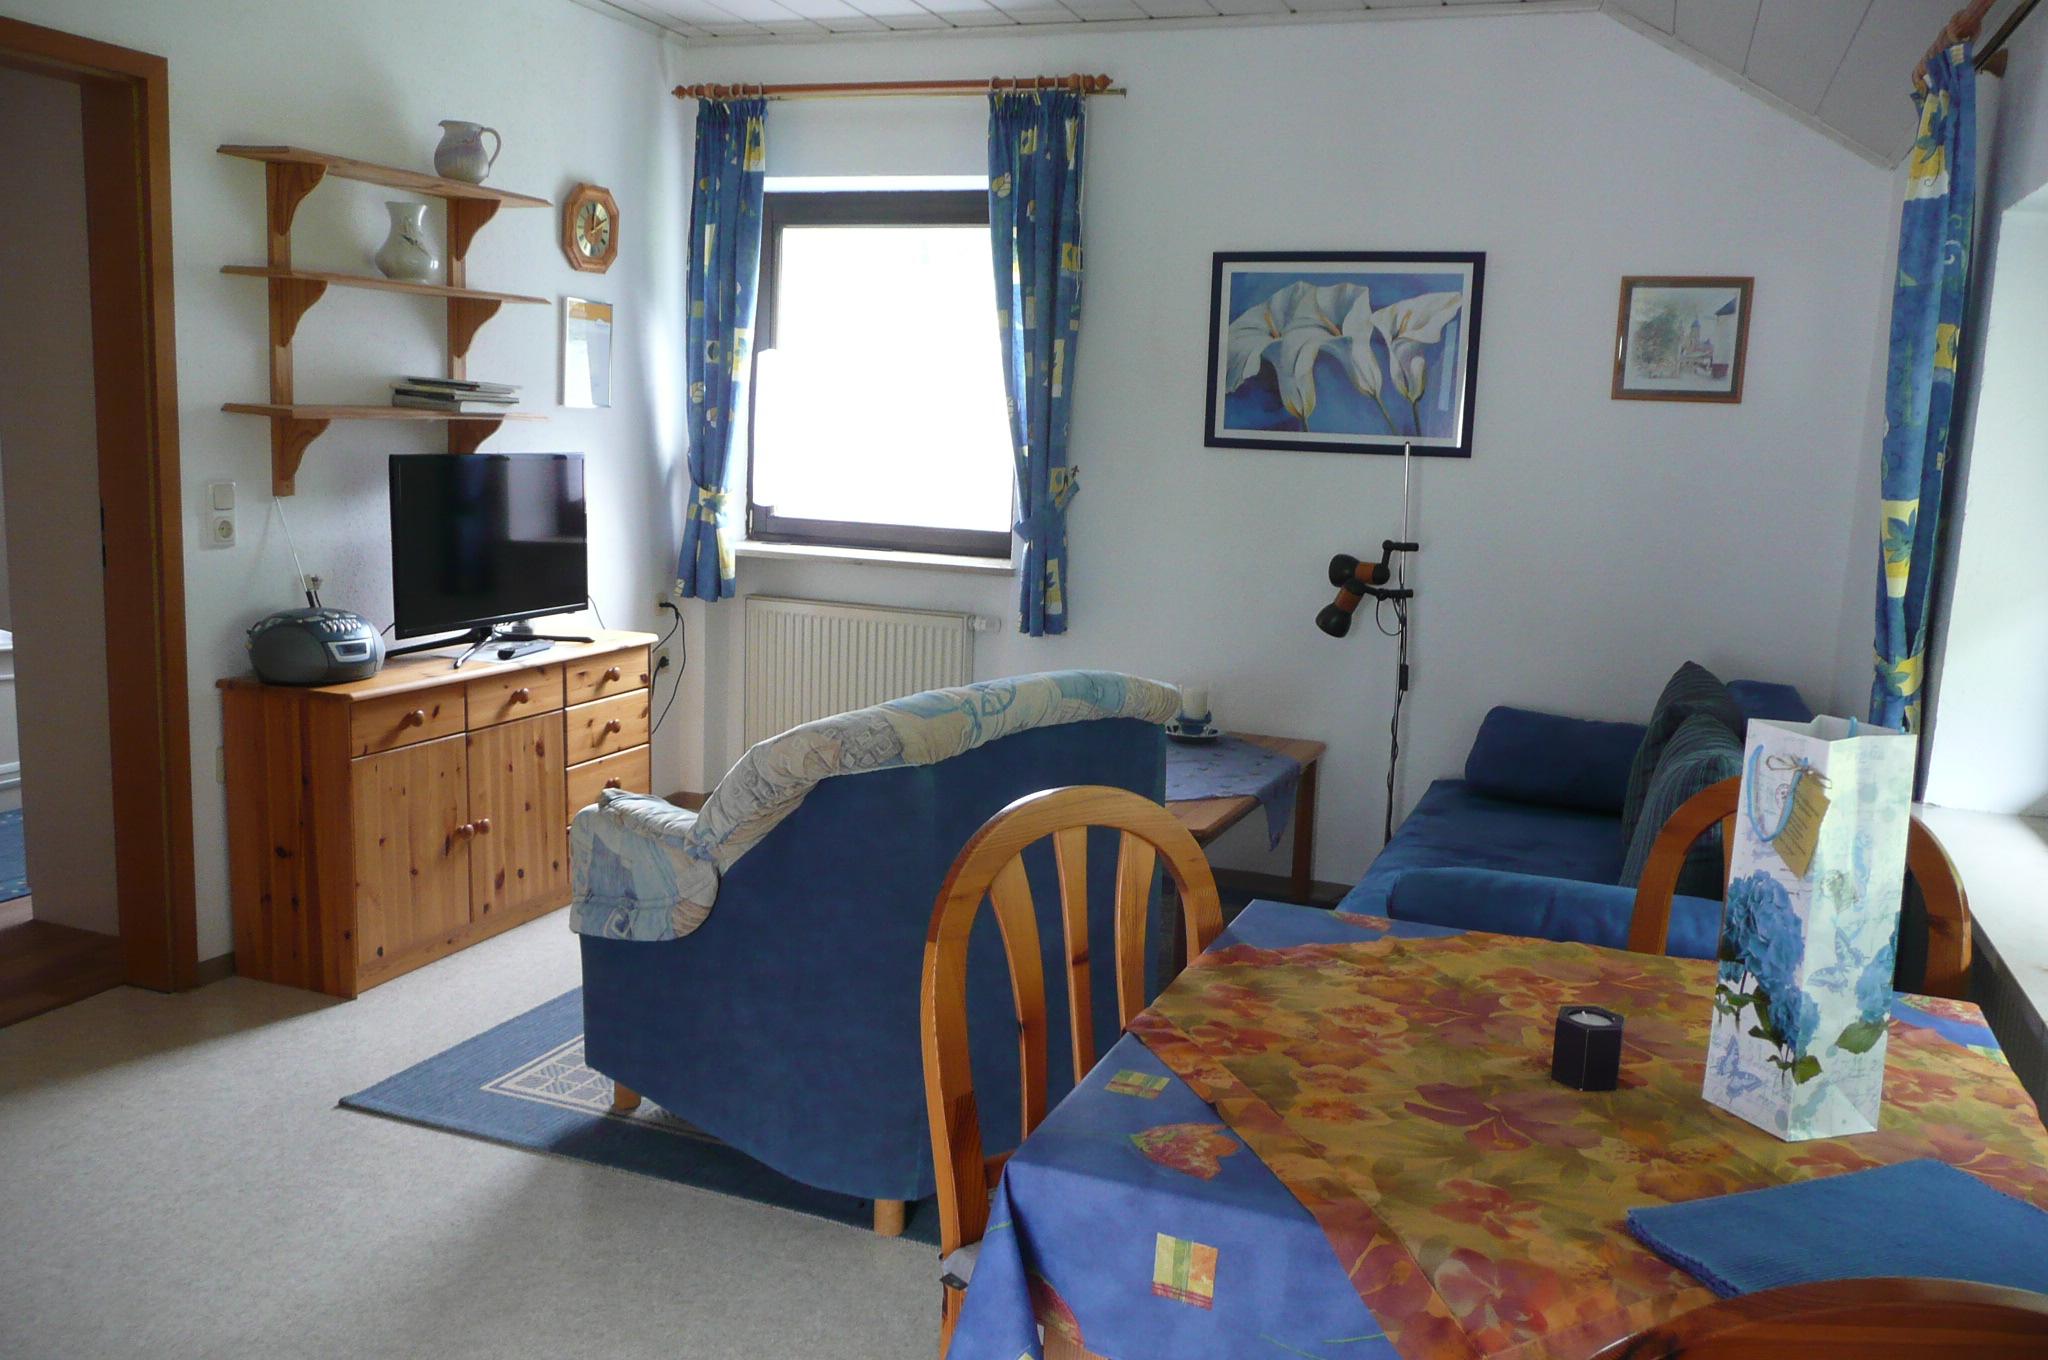 Wohnzimmer mit Holzmöbeln, Fernseher und blauen Sofas